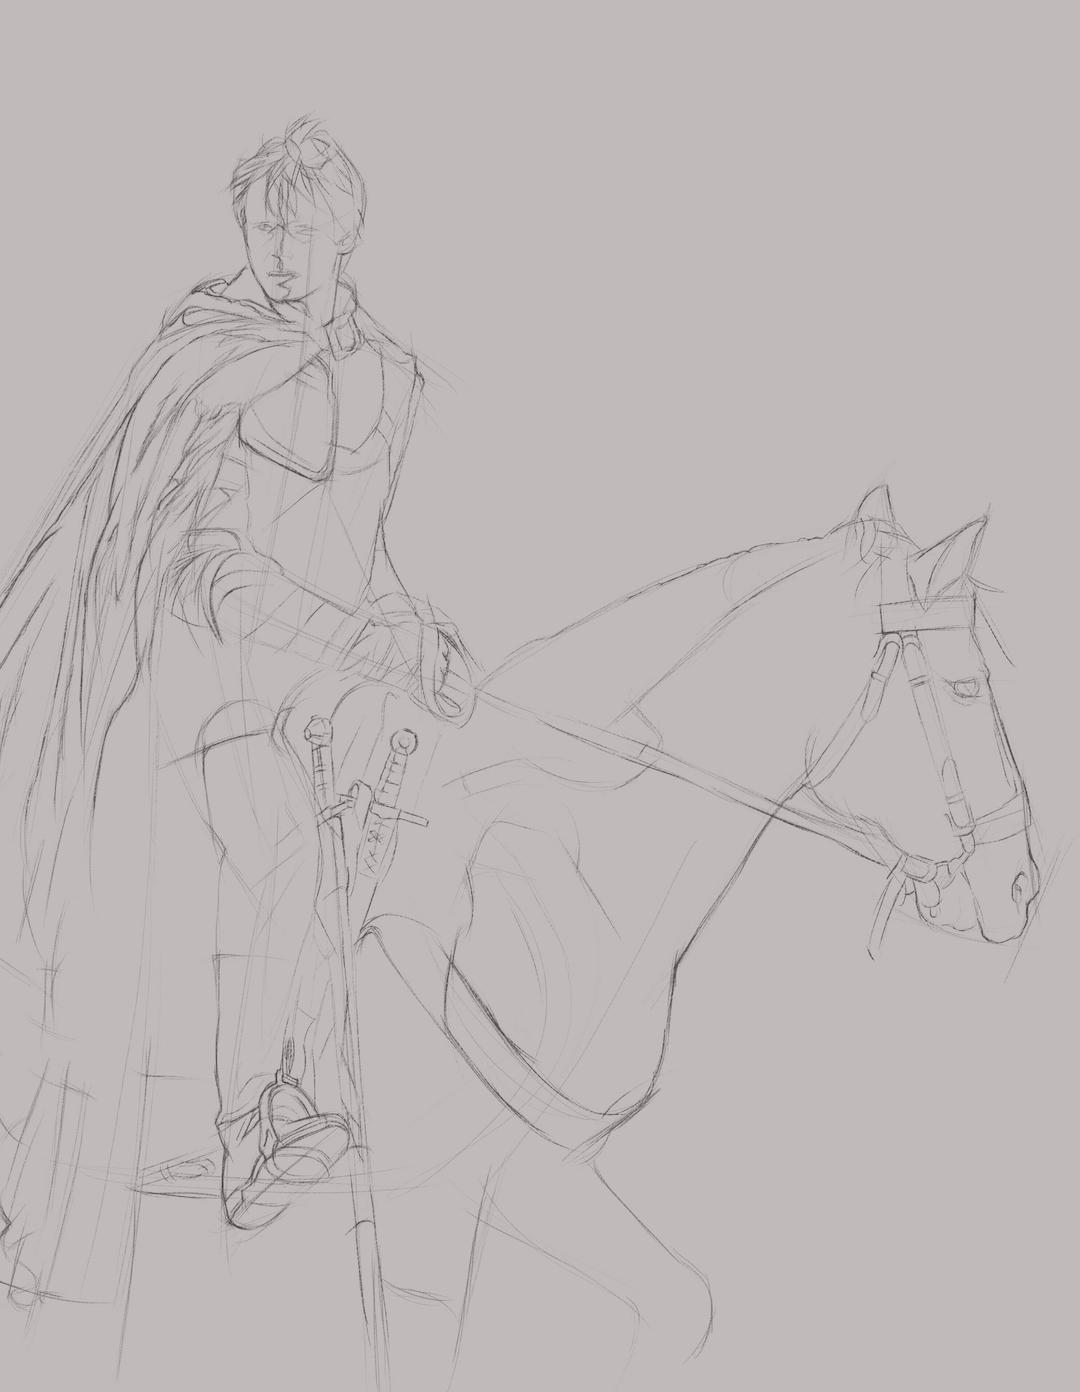 arthur sketch1